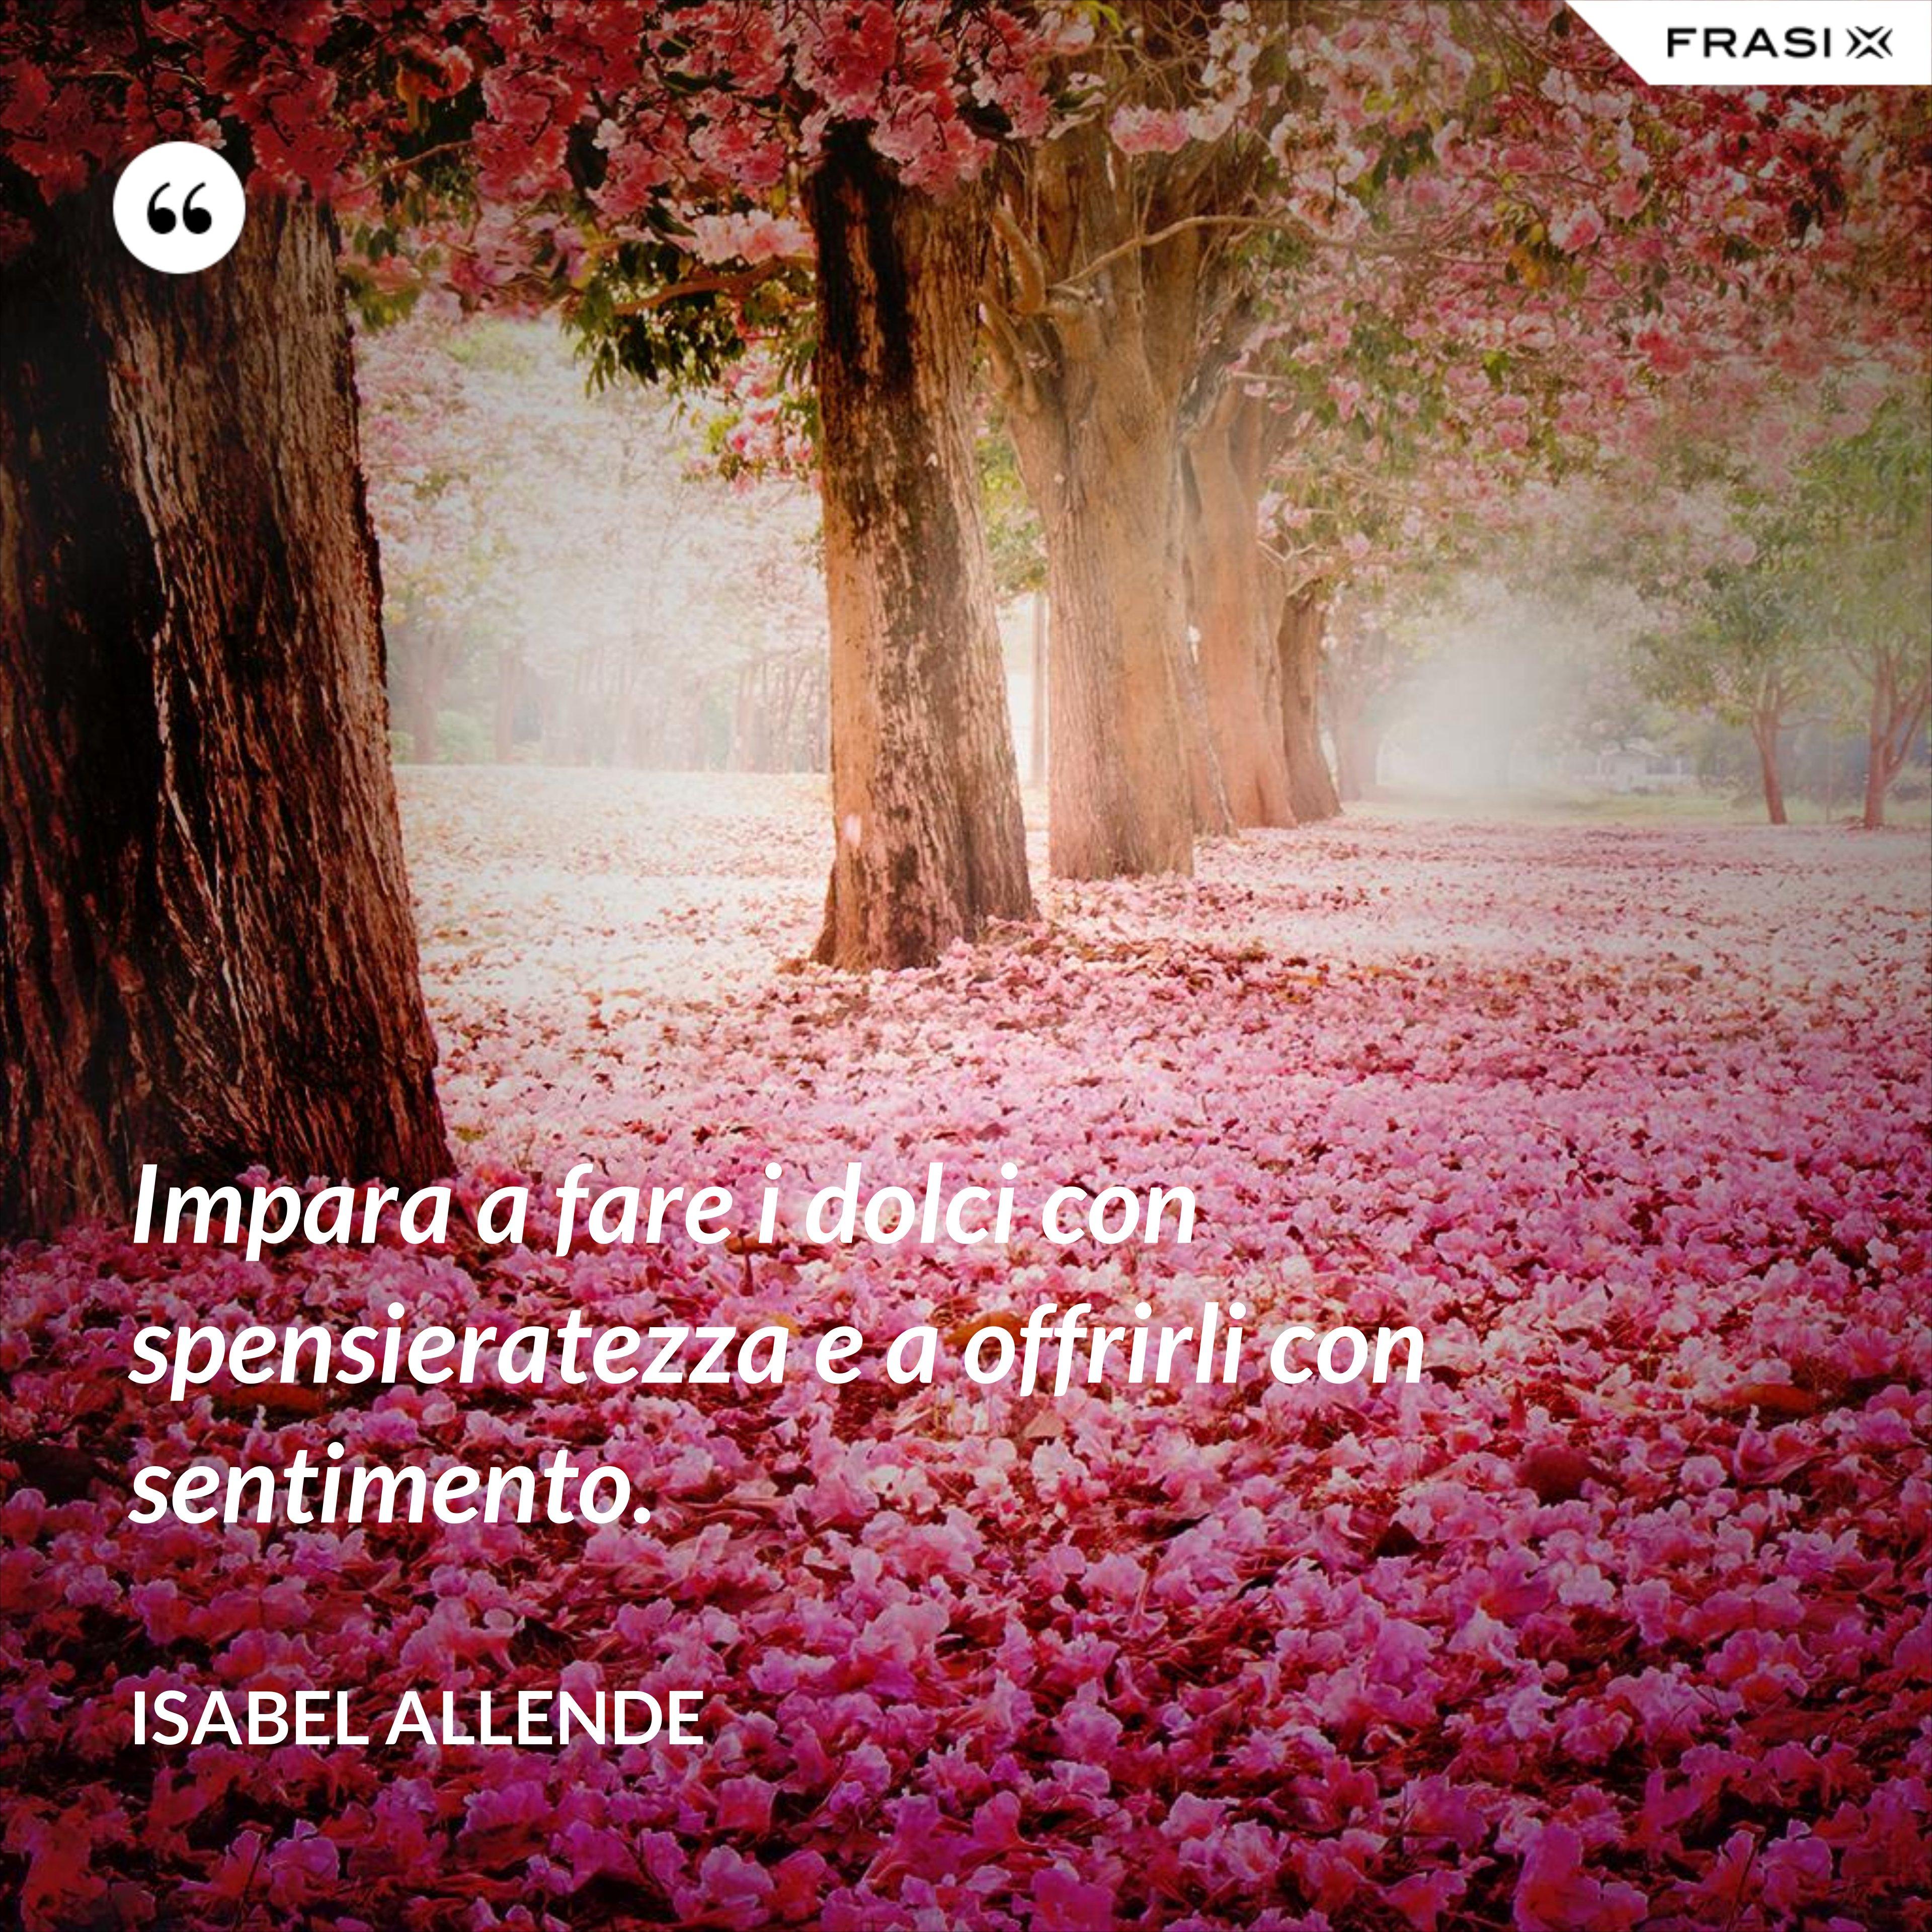 Impara a fare i dolci con spensieratezza e a offrirli con sentimento. - Isabel Allende